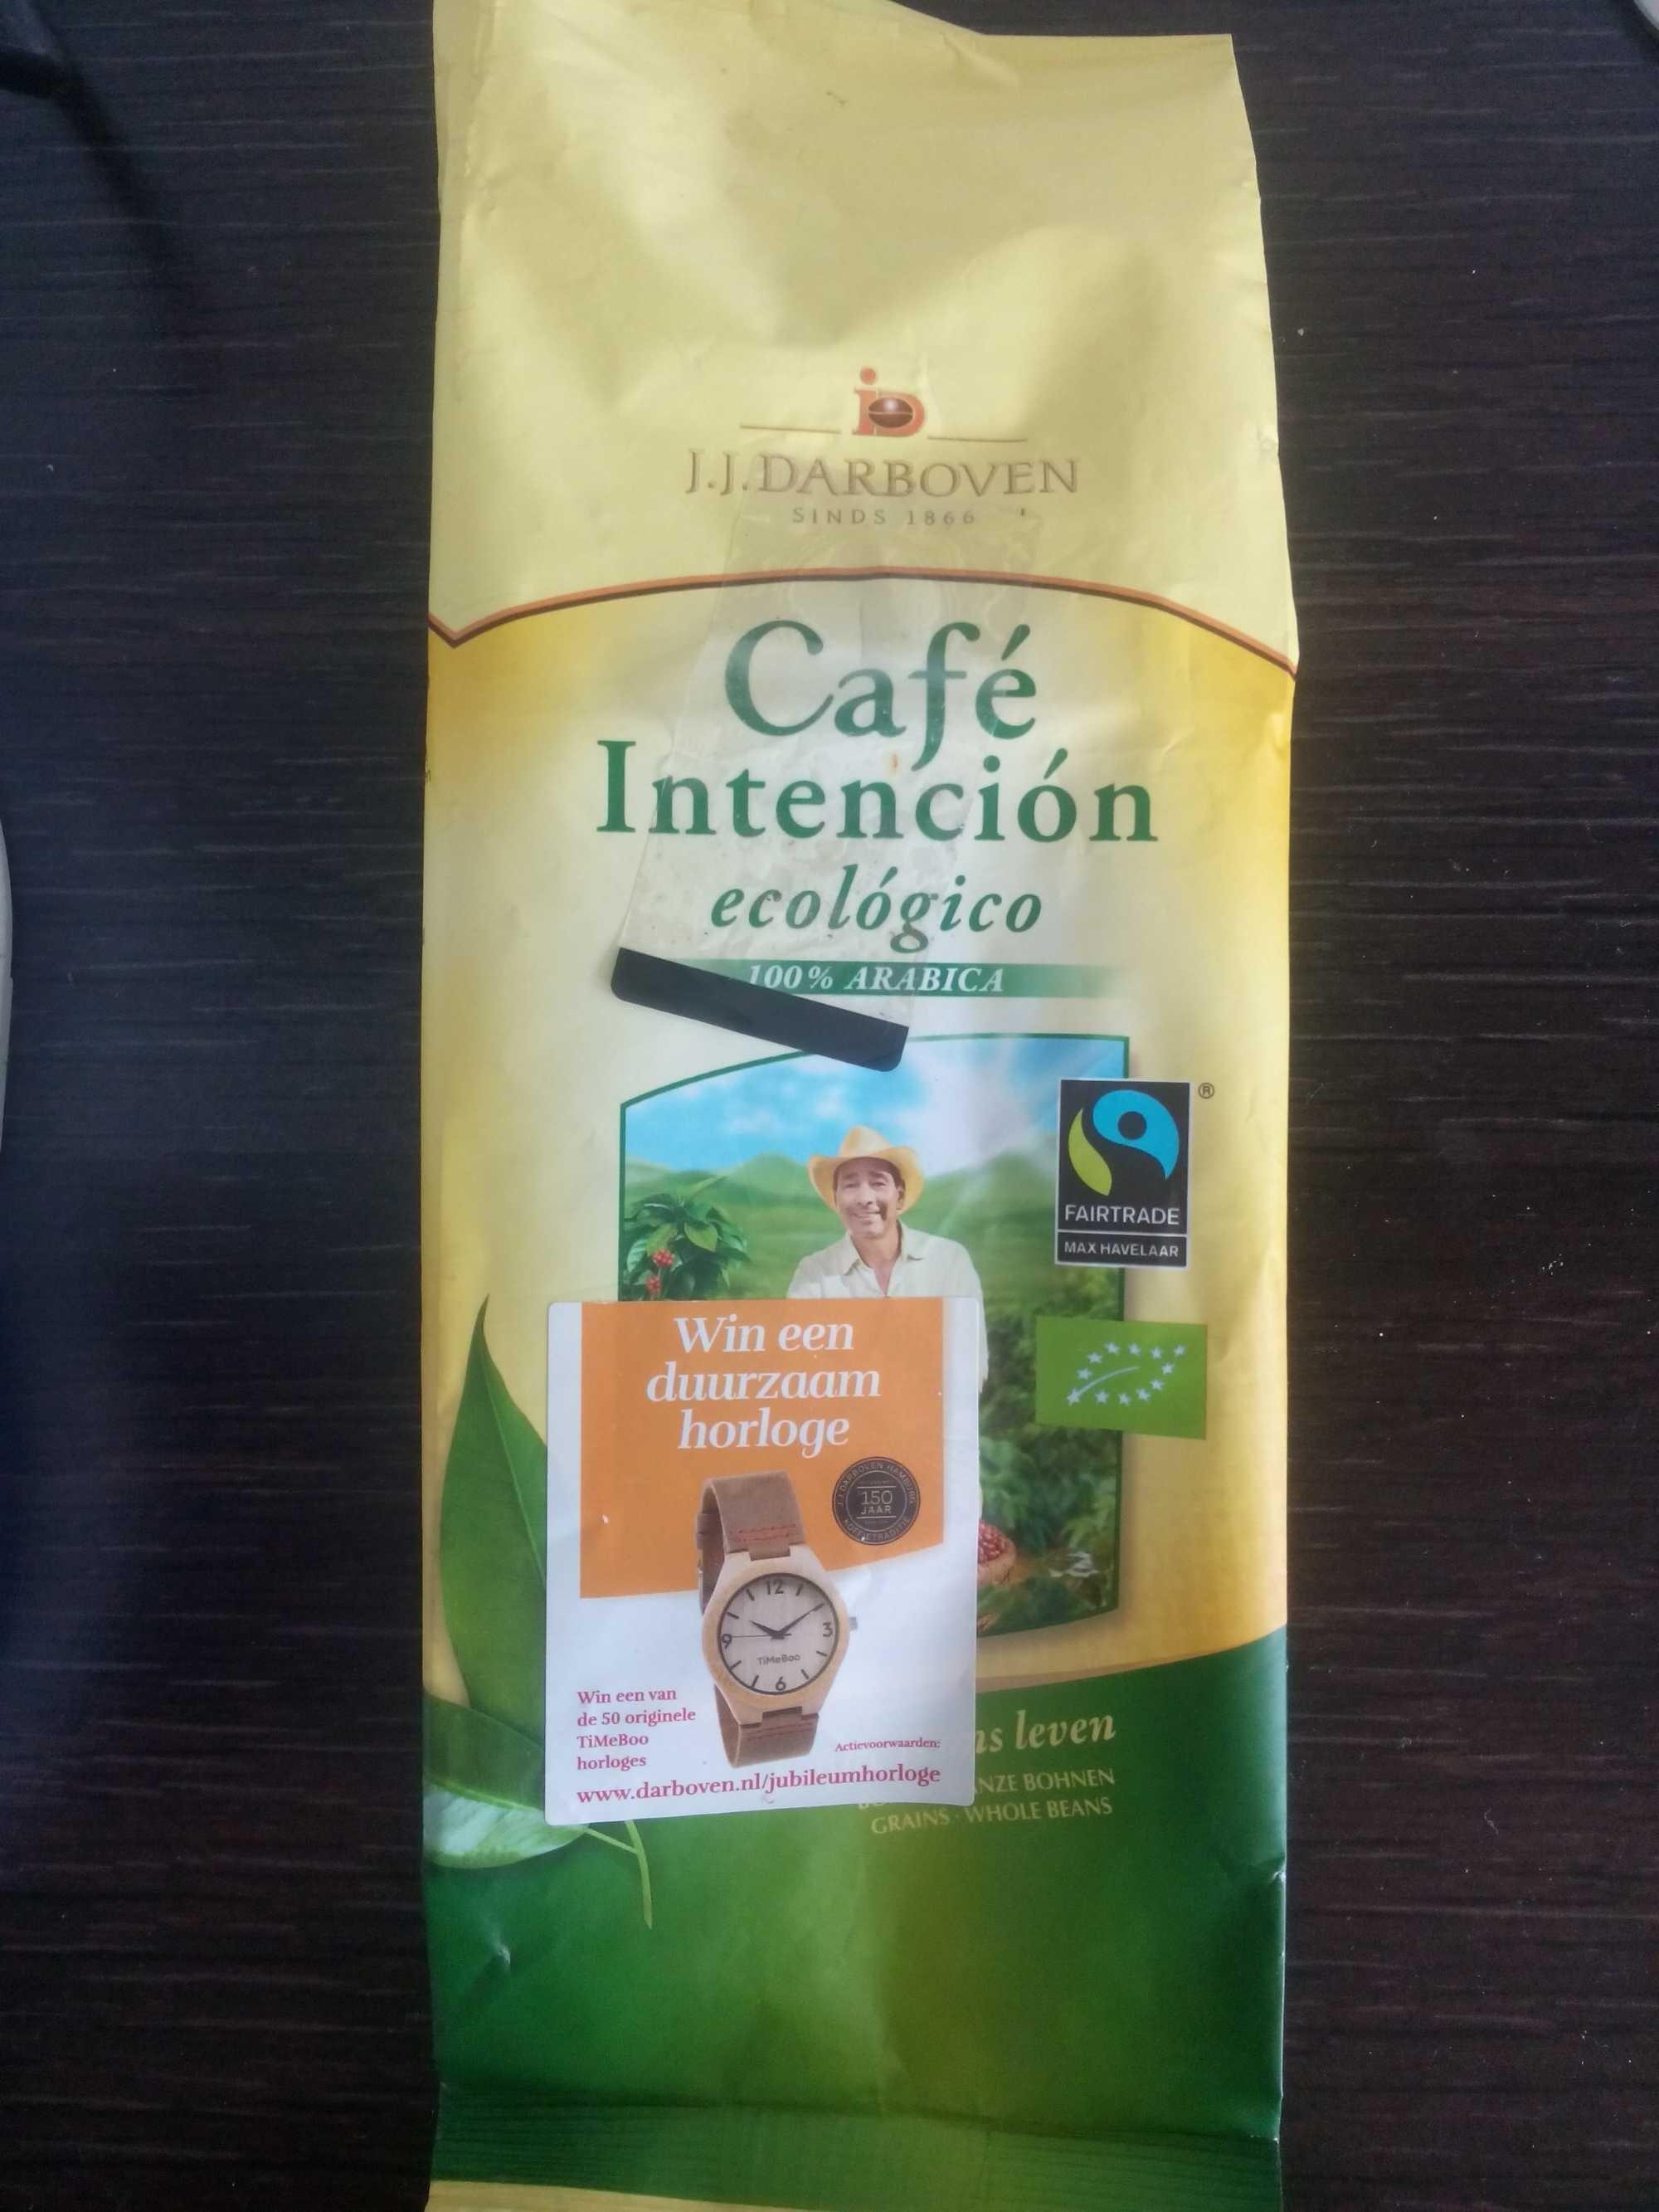 Café Intención ecológico - Product